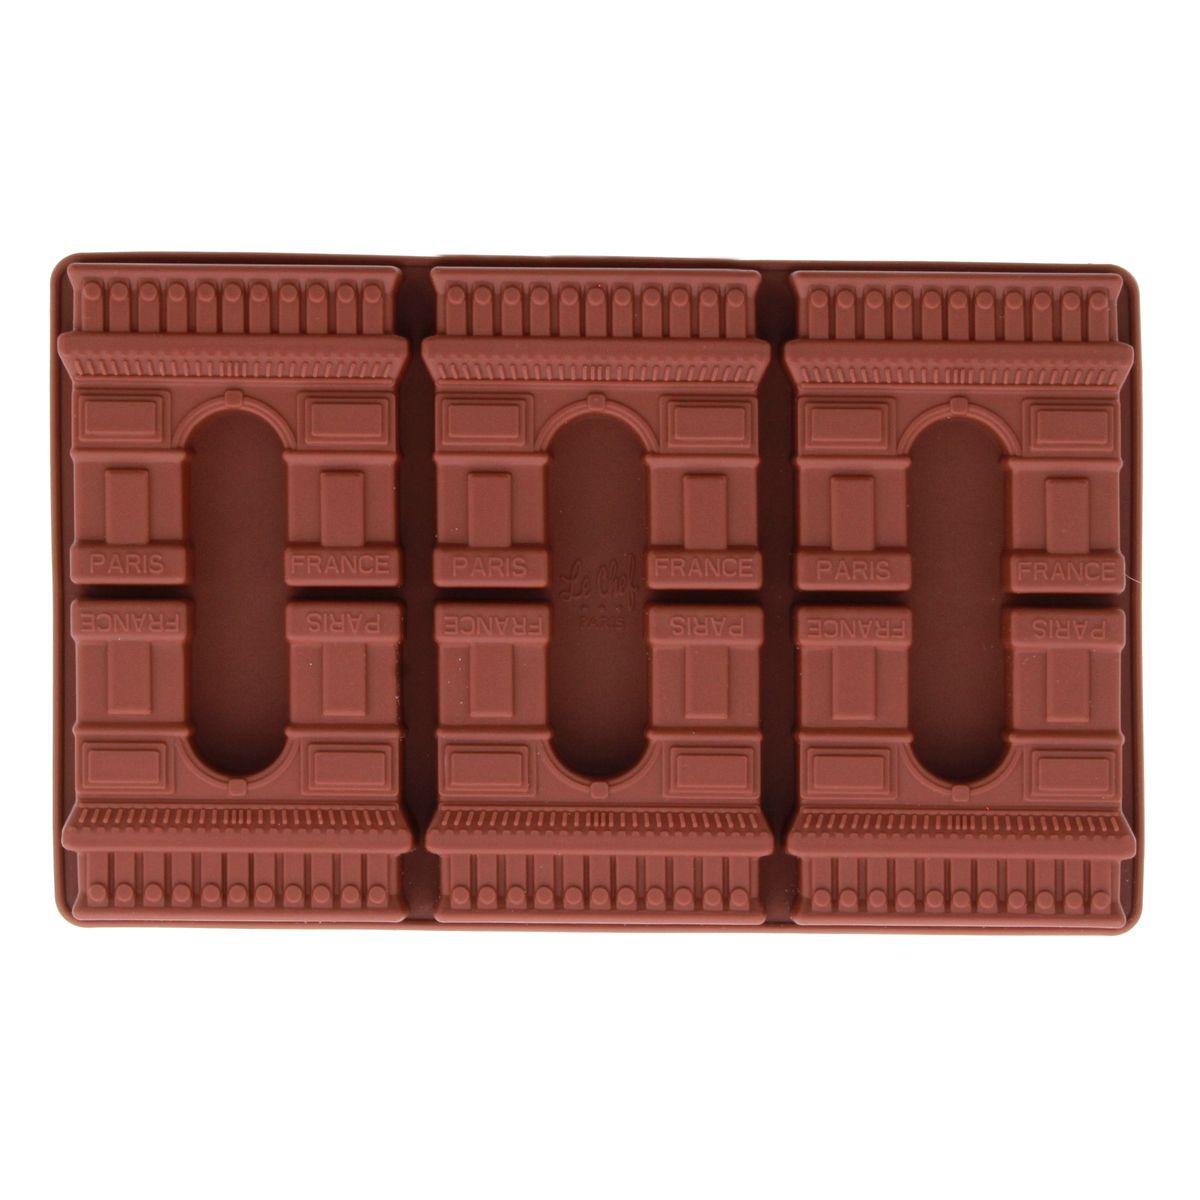 MOULE A CHOCOLAT EN SILICONE MARRON ARC DE TRIOMPHE - LE CHEF PARIS